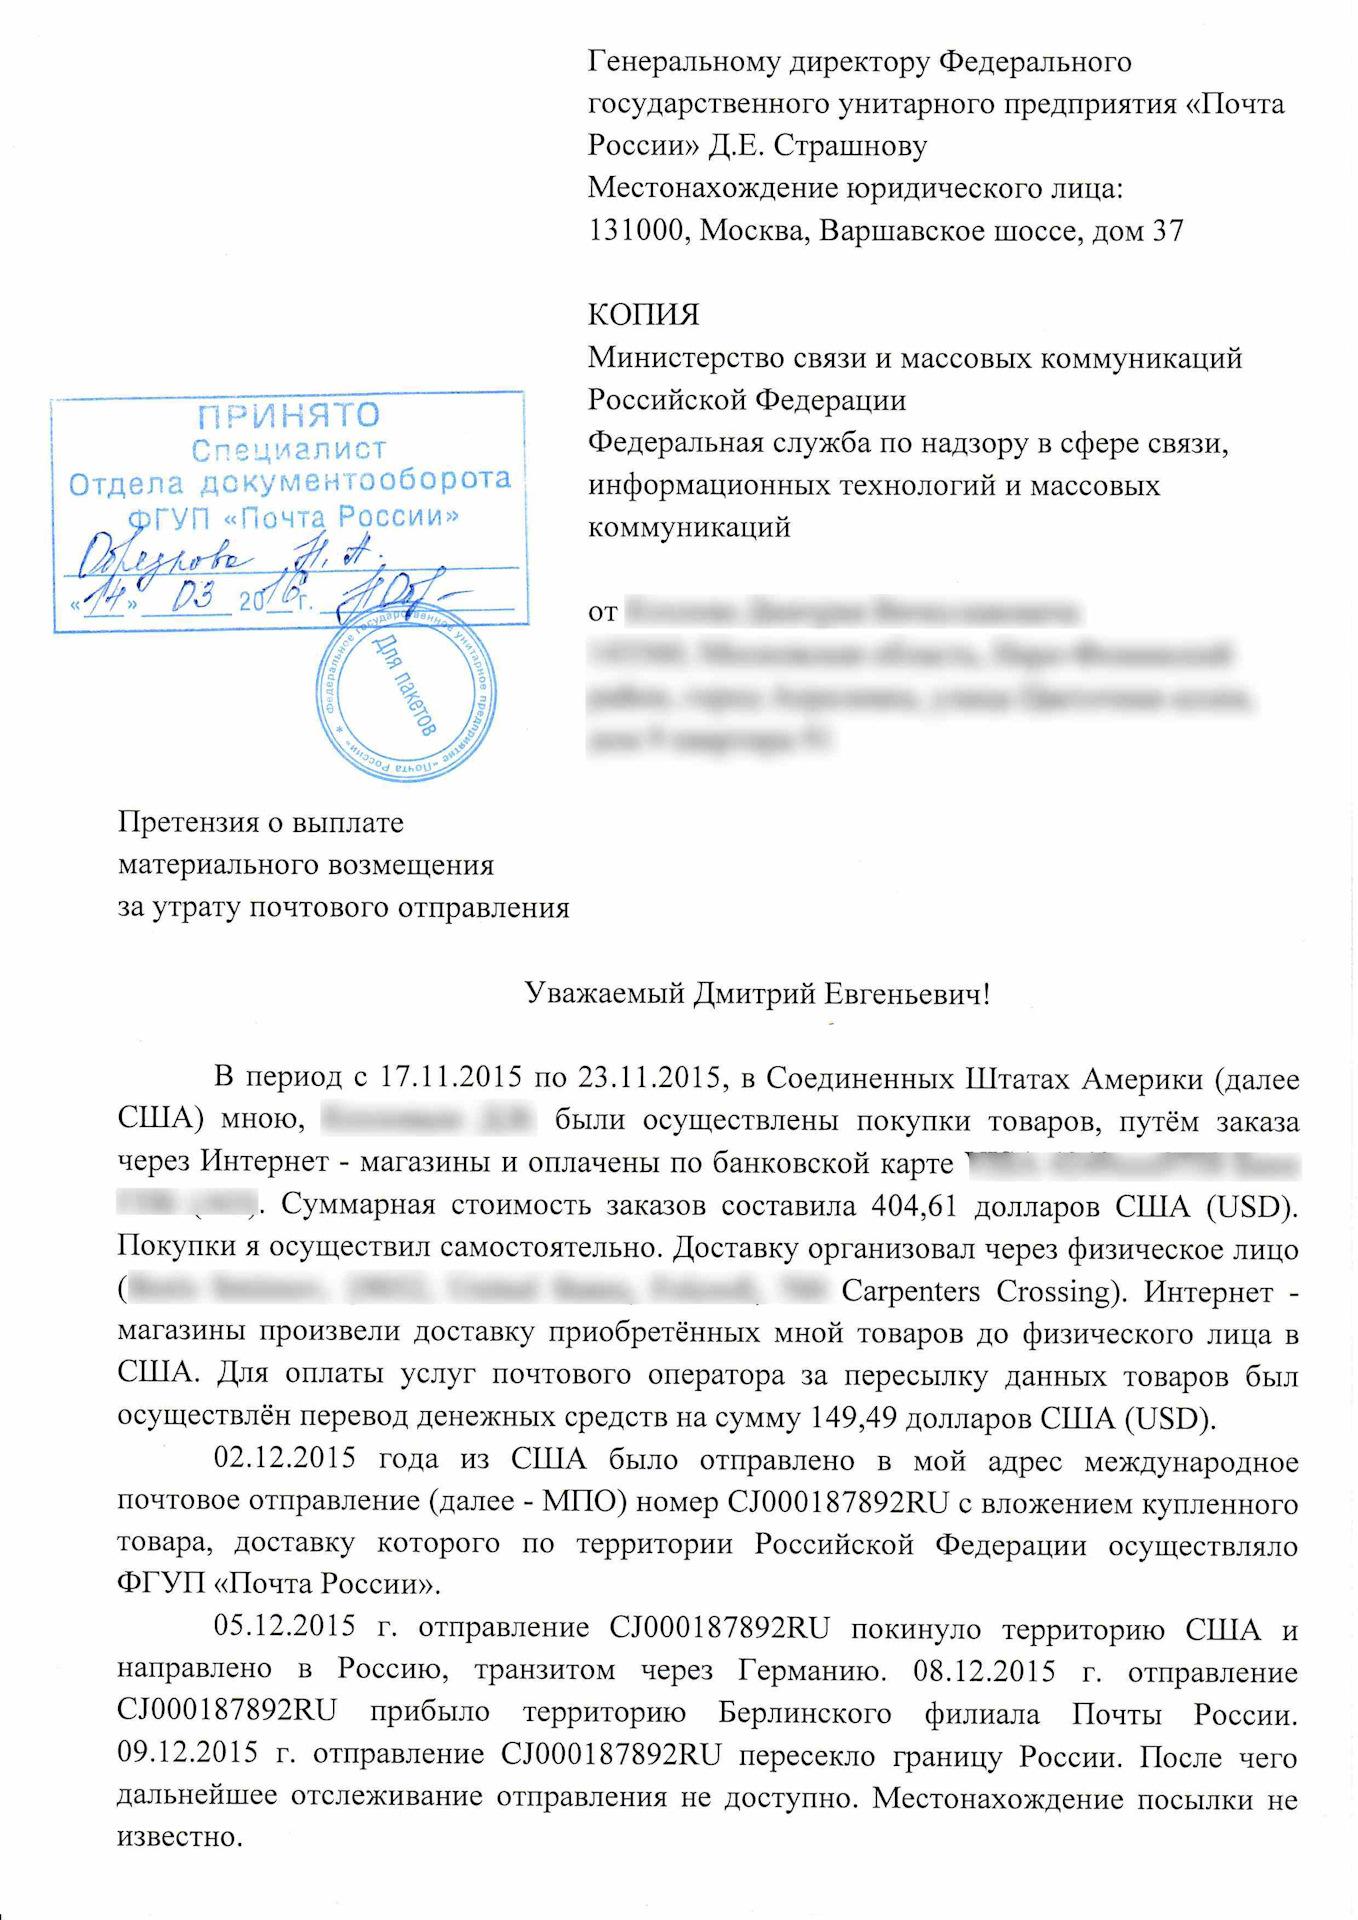 Микрокредит от почты россии